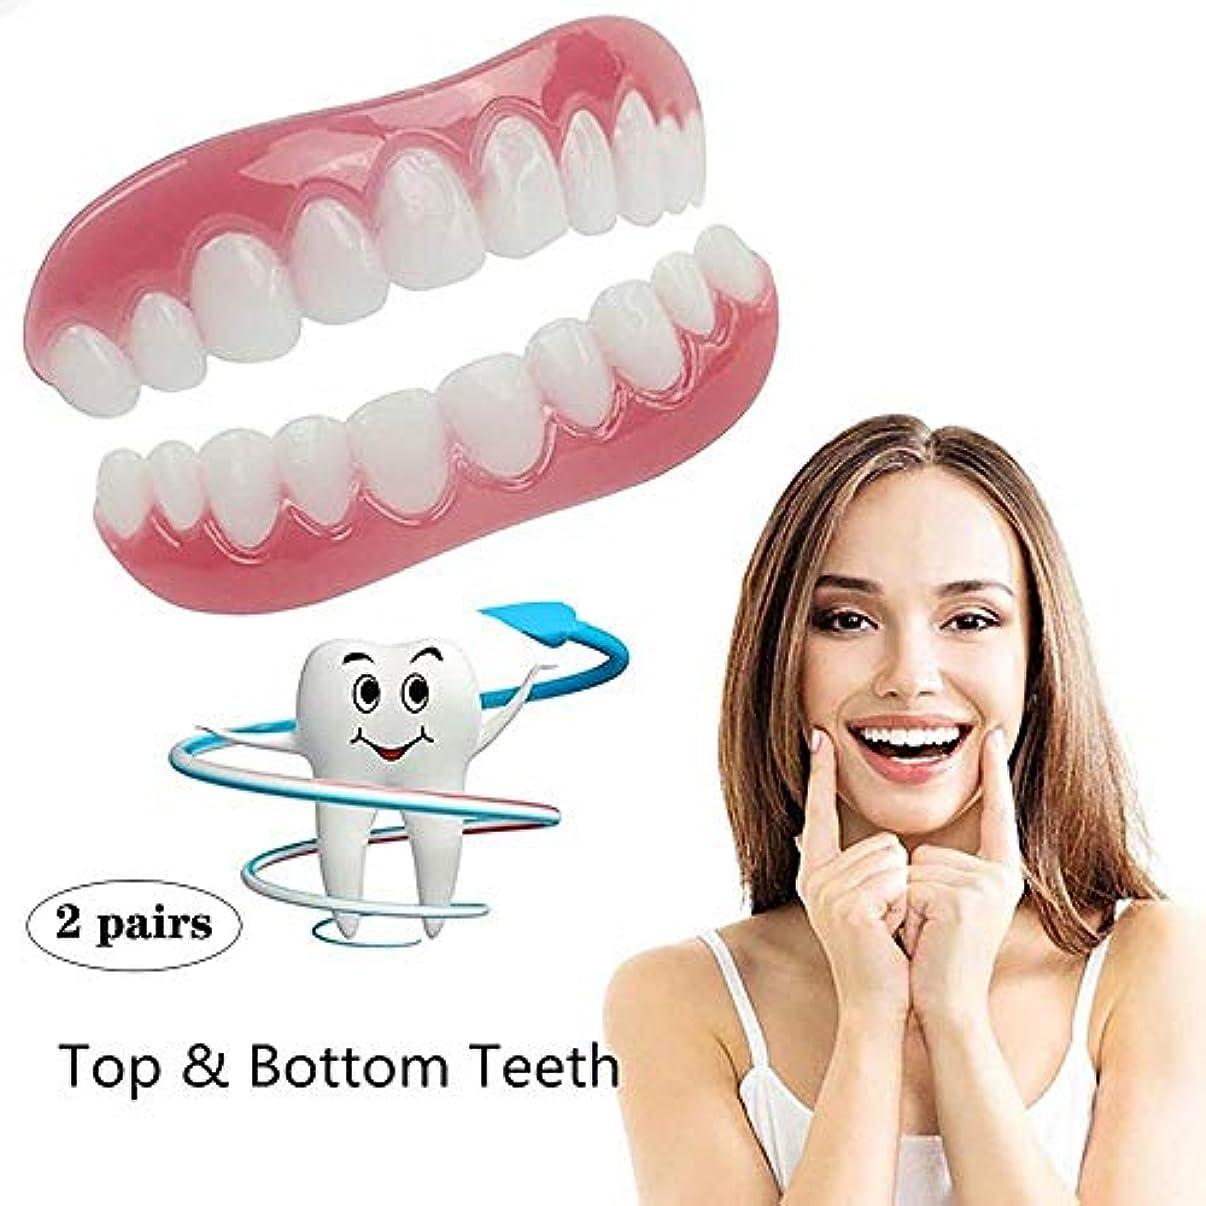 機構泣き叫ぶベスト2対の歯のベニヤ化粧品の歯のスナップオンセキュアアッパーロアフレックスデンタルベニア義歯ケアファッション